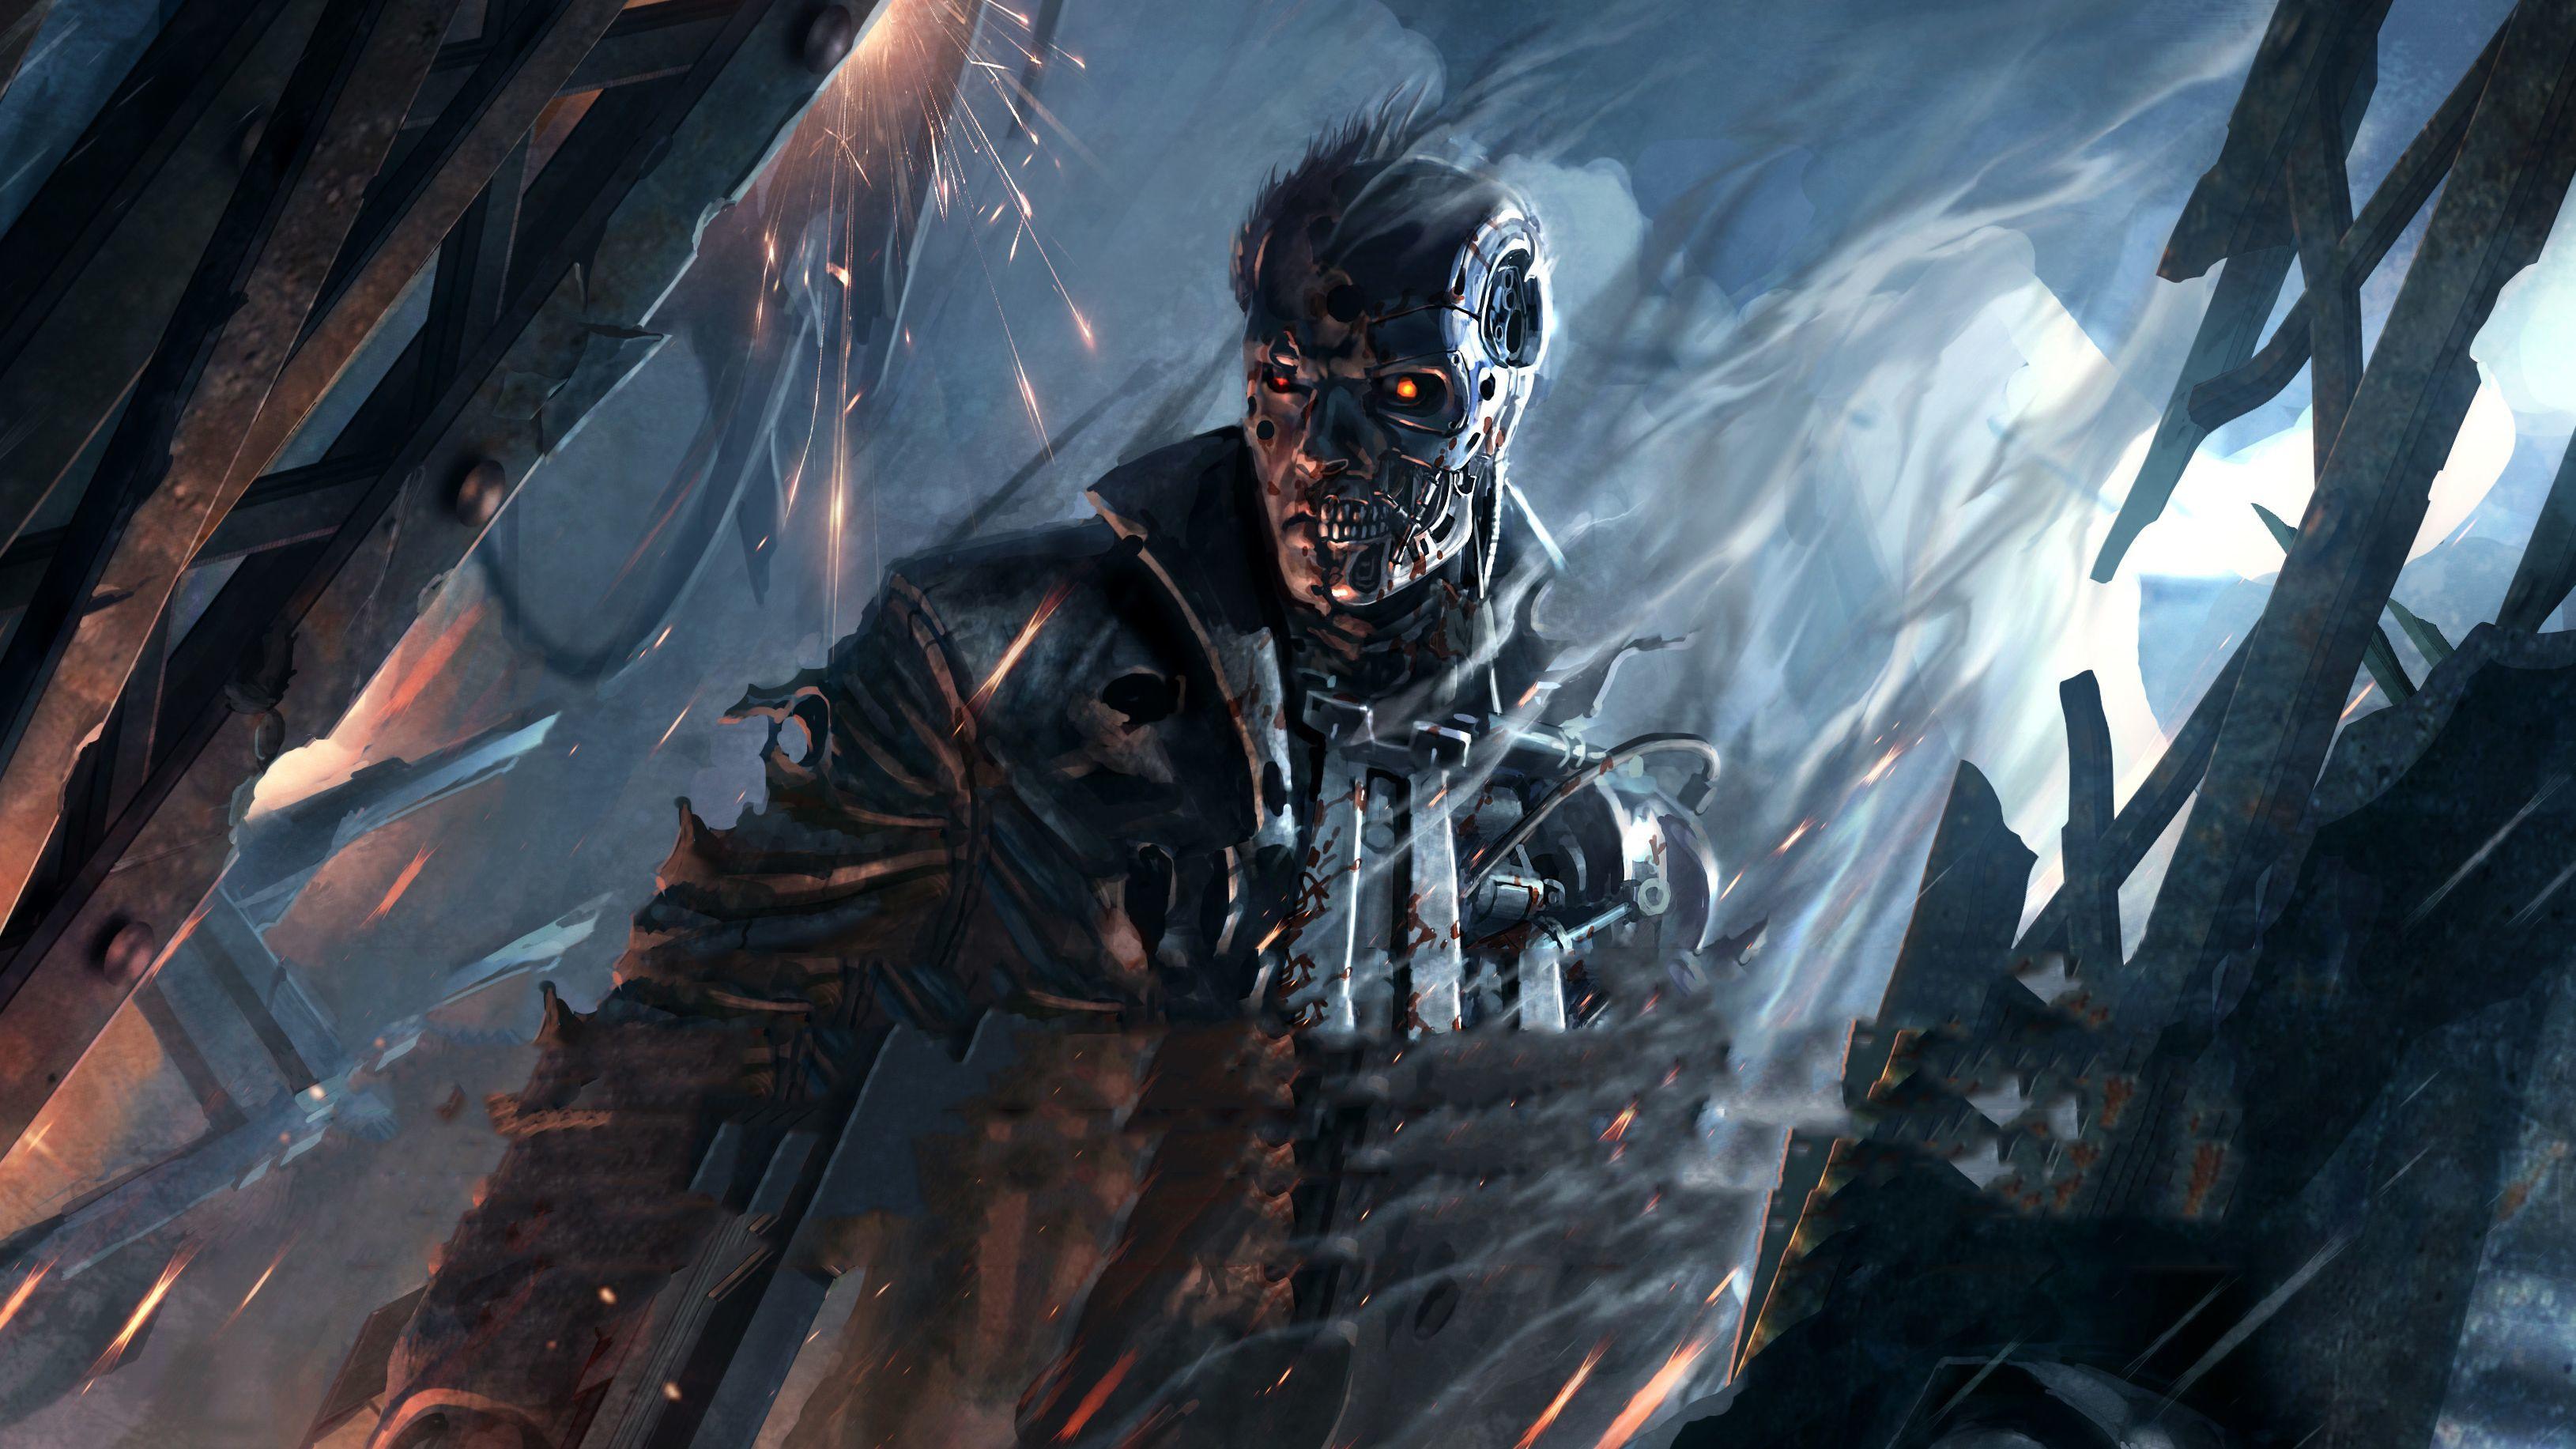 Versão PS5 de Terminator: Resistance foi ligeiramente adiada - Terminator:  Resistance - Enhanced - Gamereactor